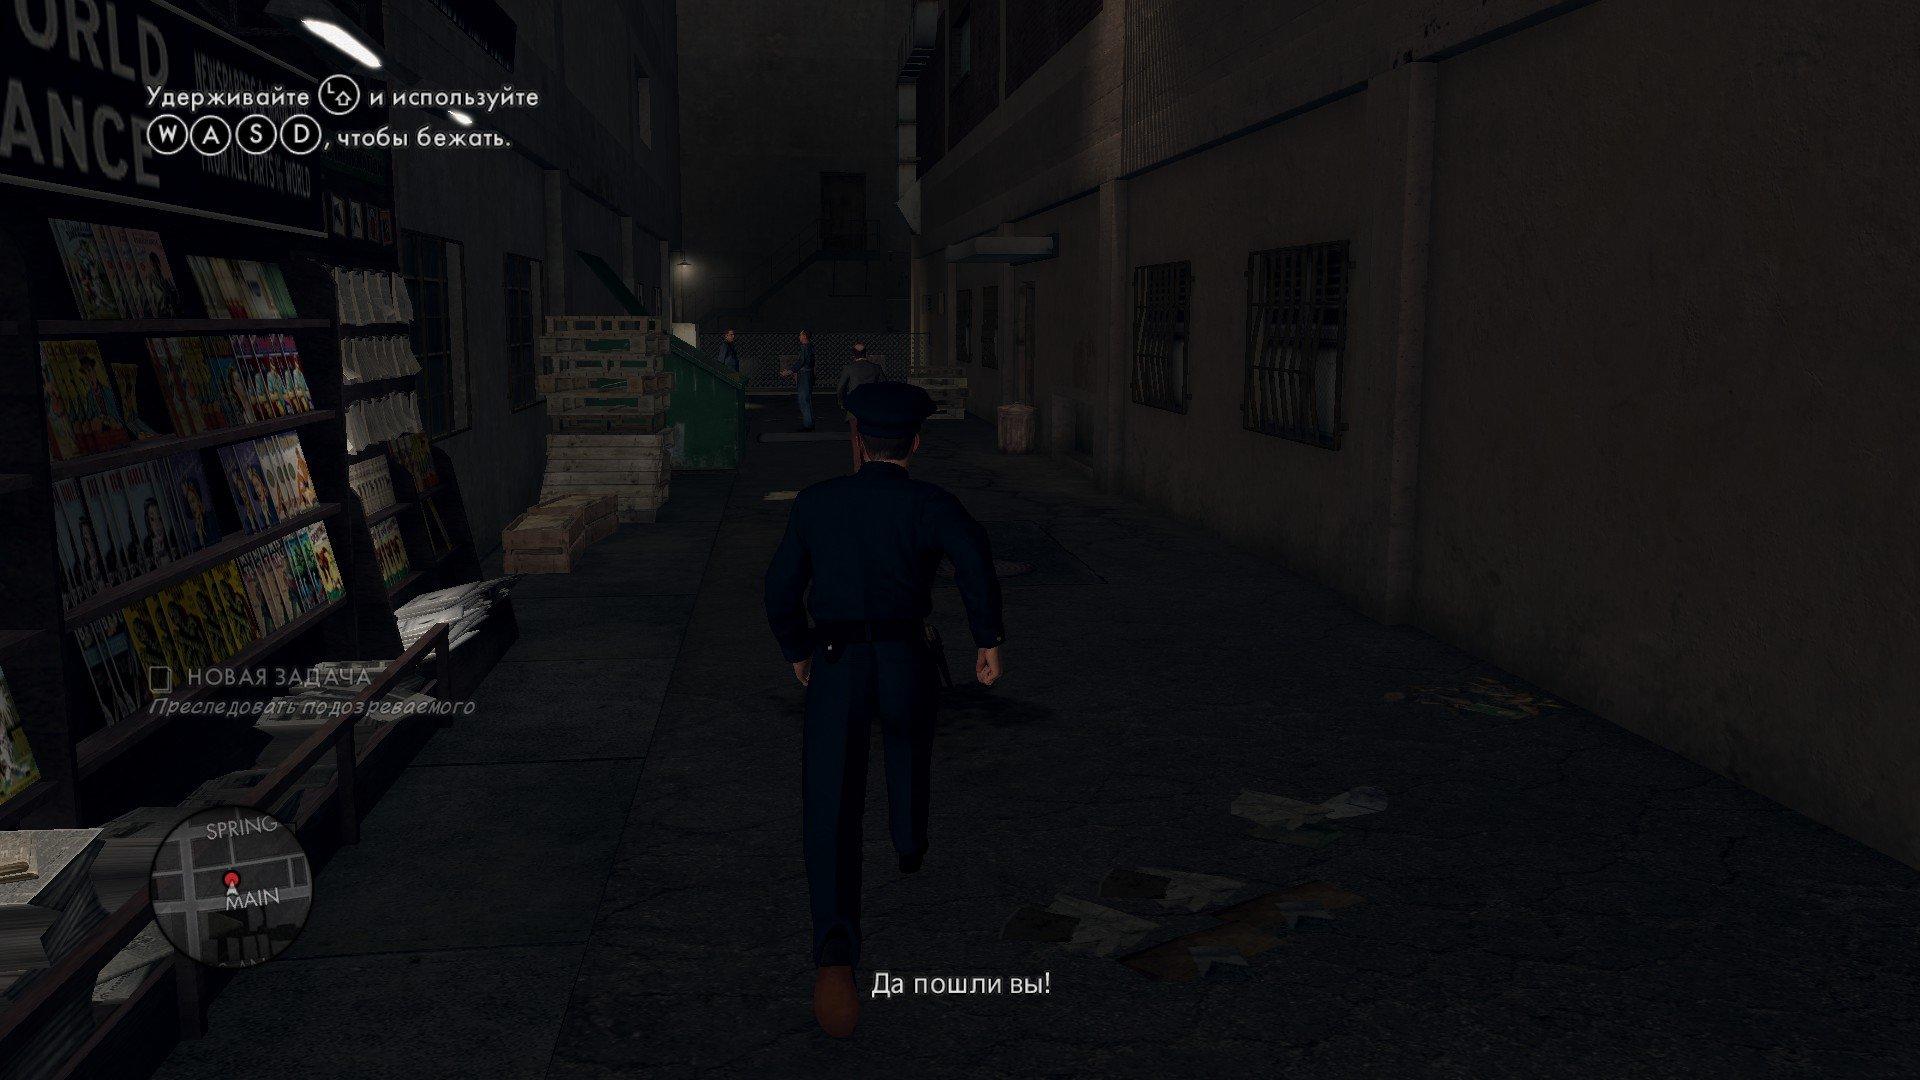 Пост-прохождение L.A. Noire Часть 1 НАЧАЛО!!!. - Изображение 33